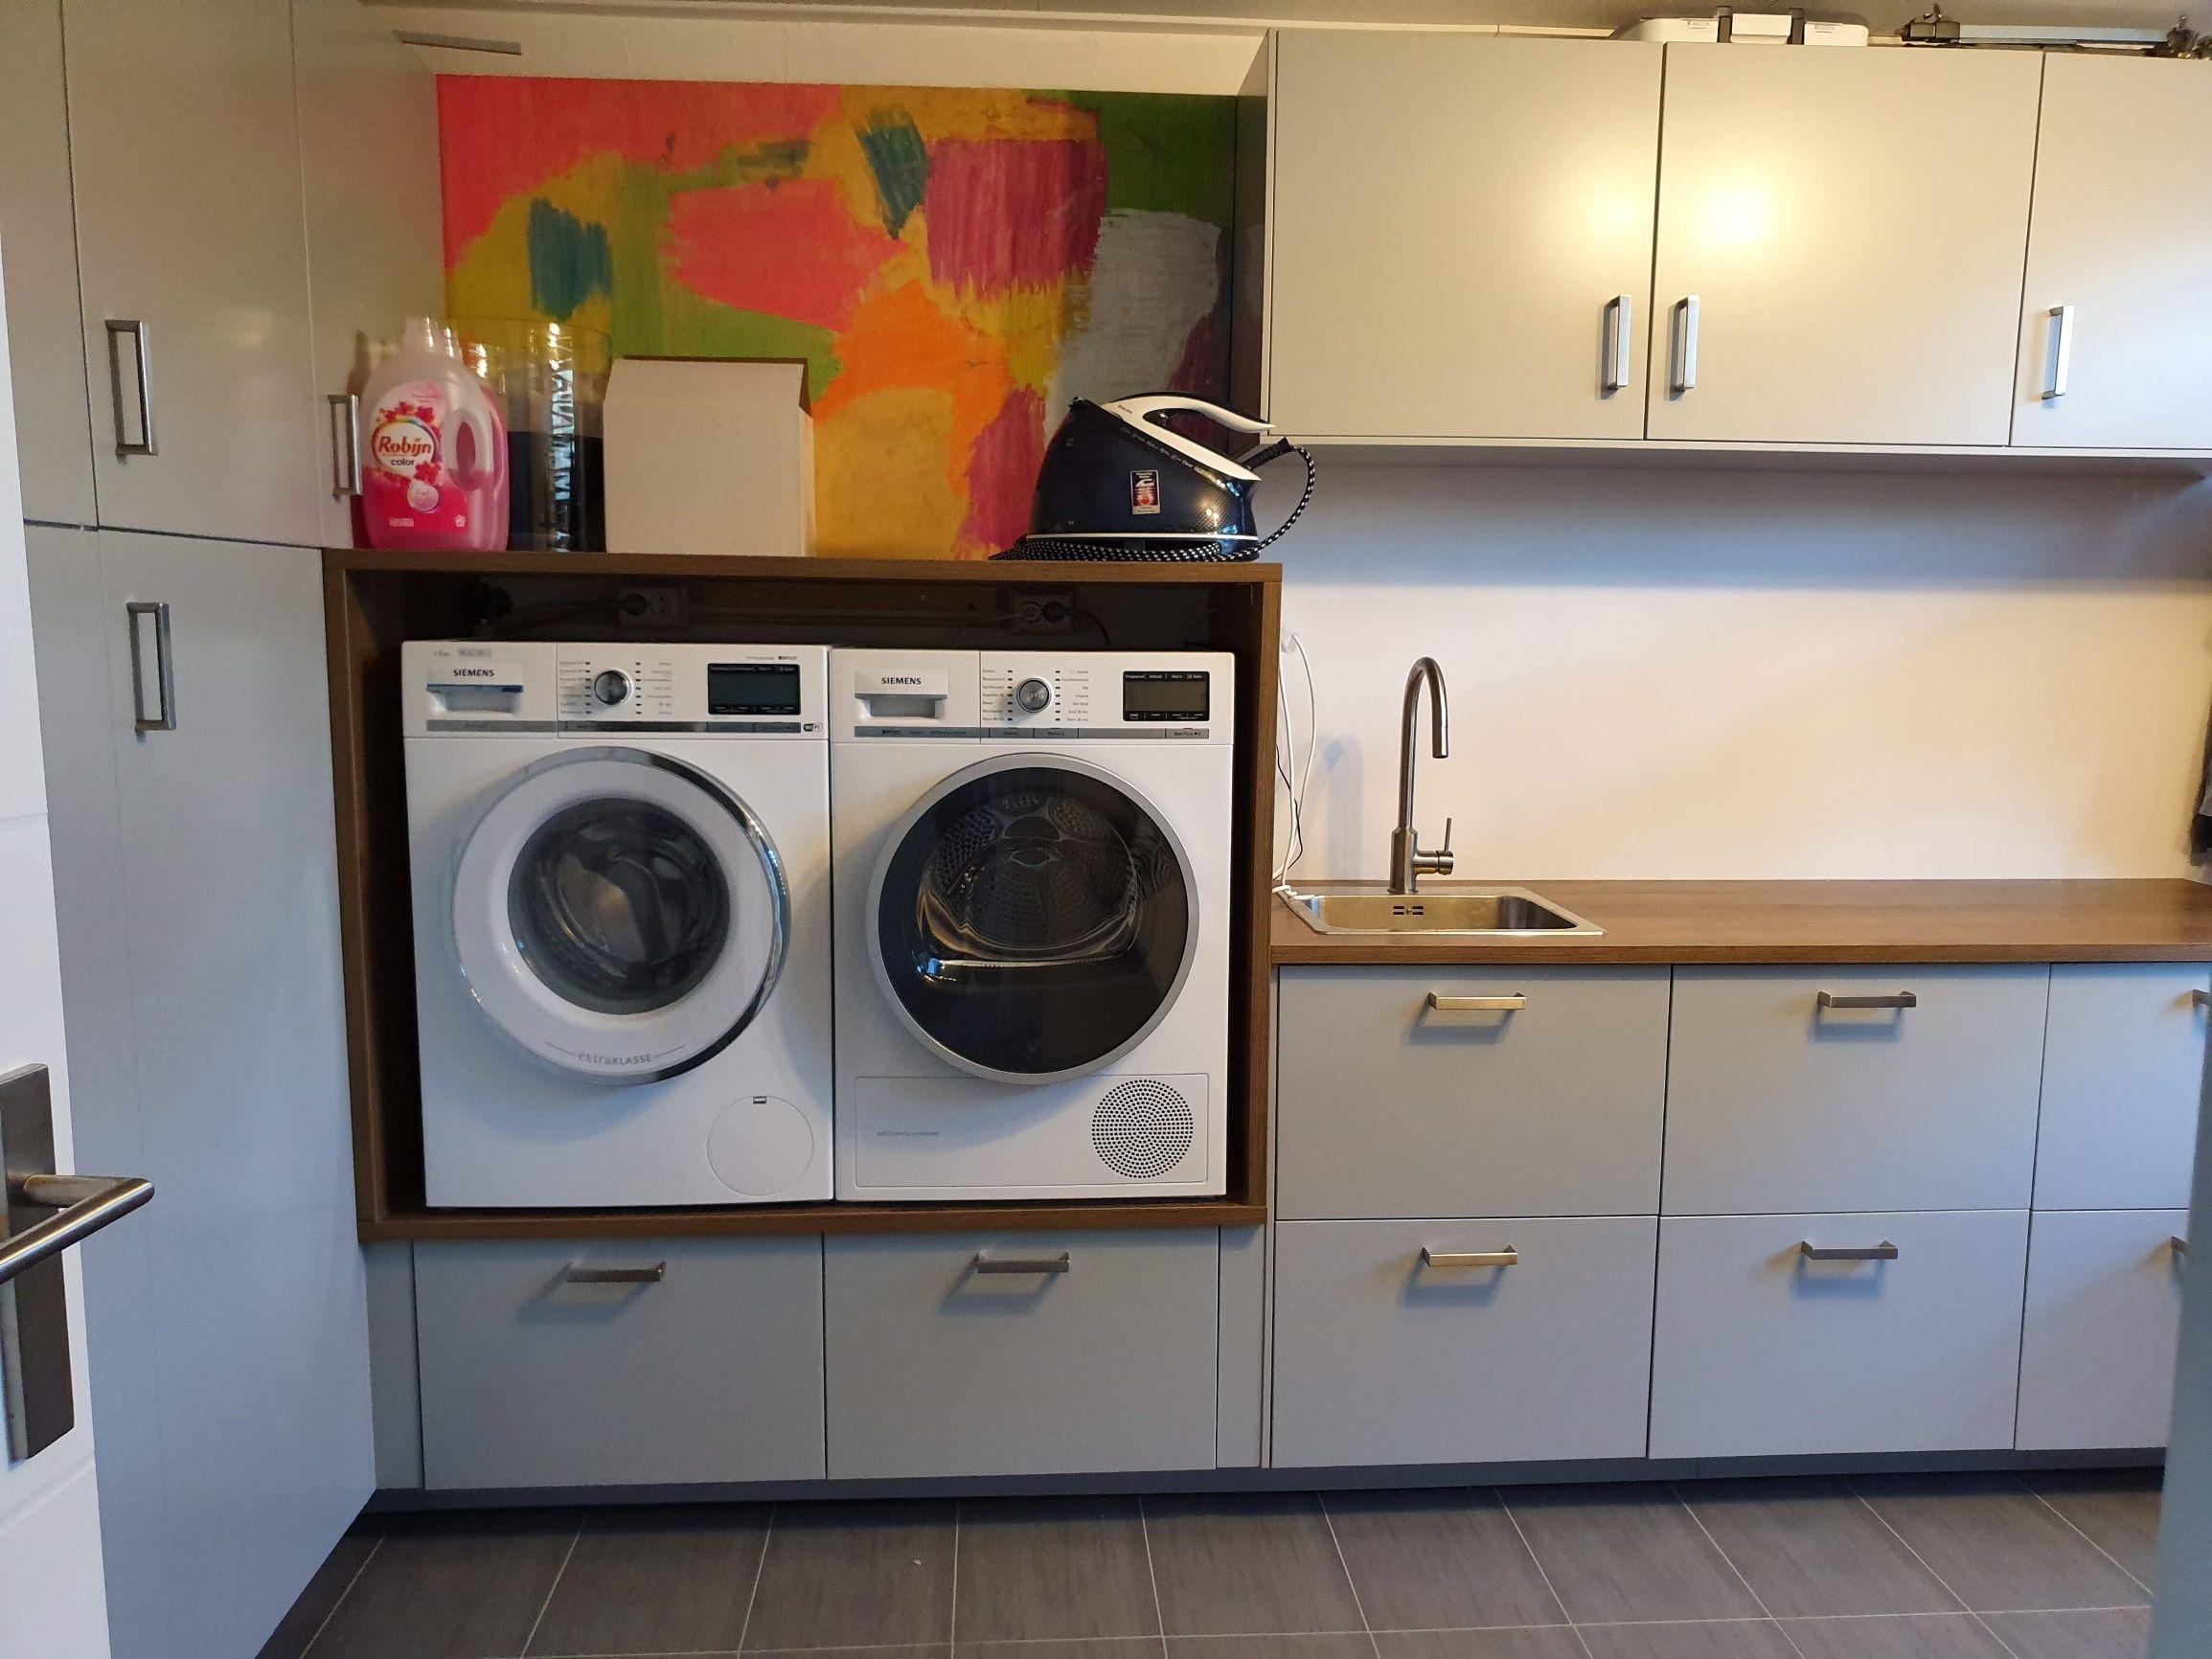 ملائم برنامج محترم Inbouw Wasmachine Ikea Sjvbca Org